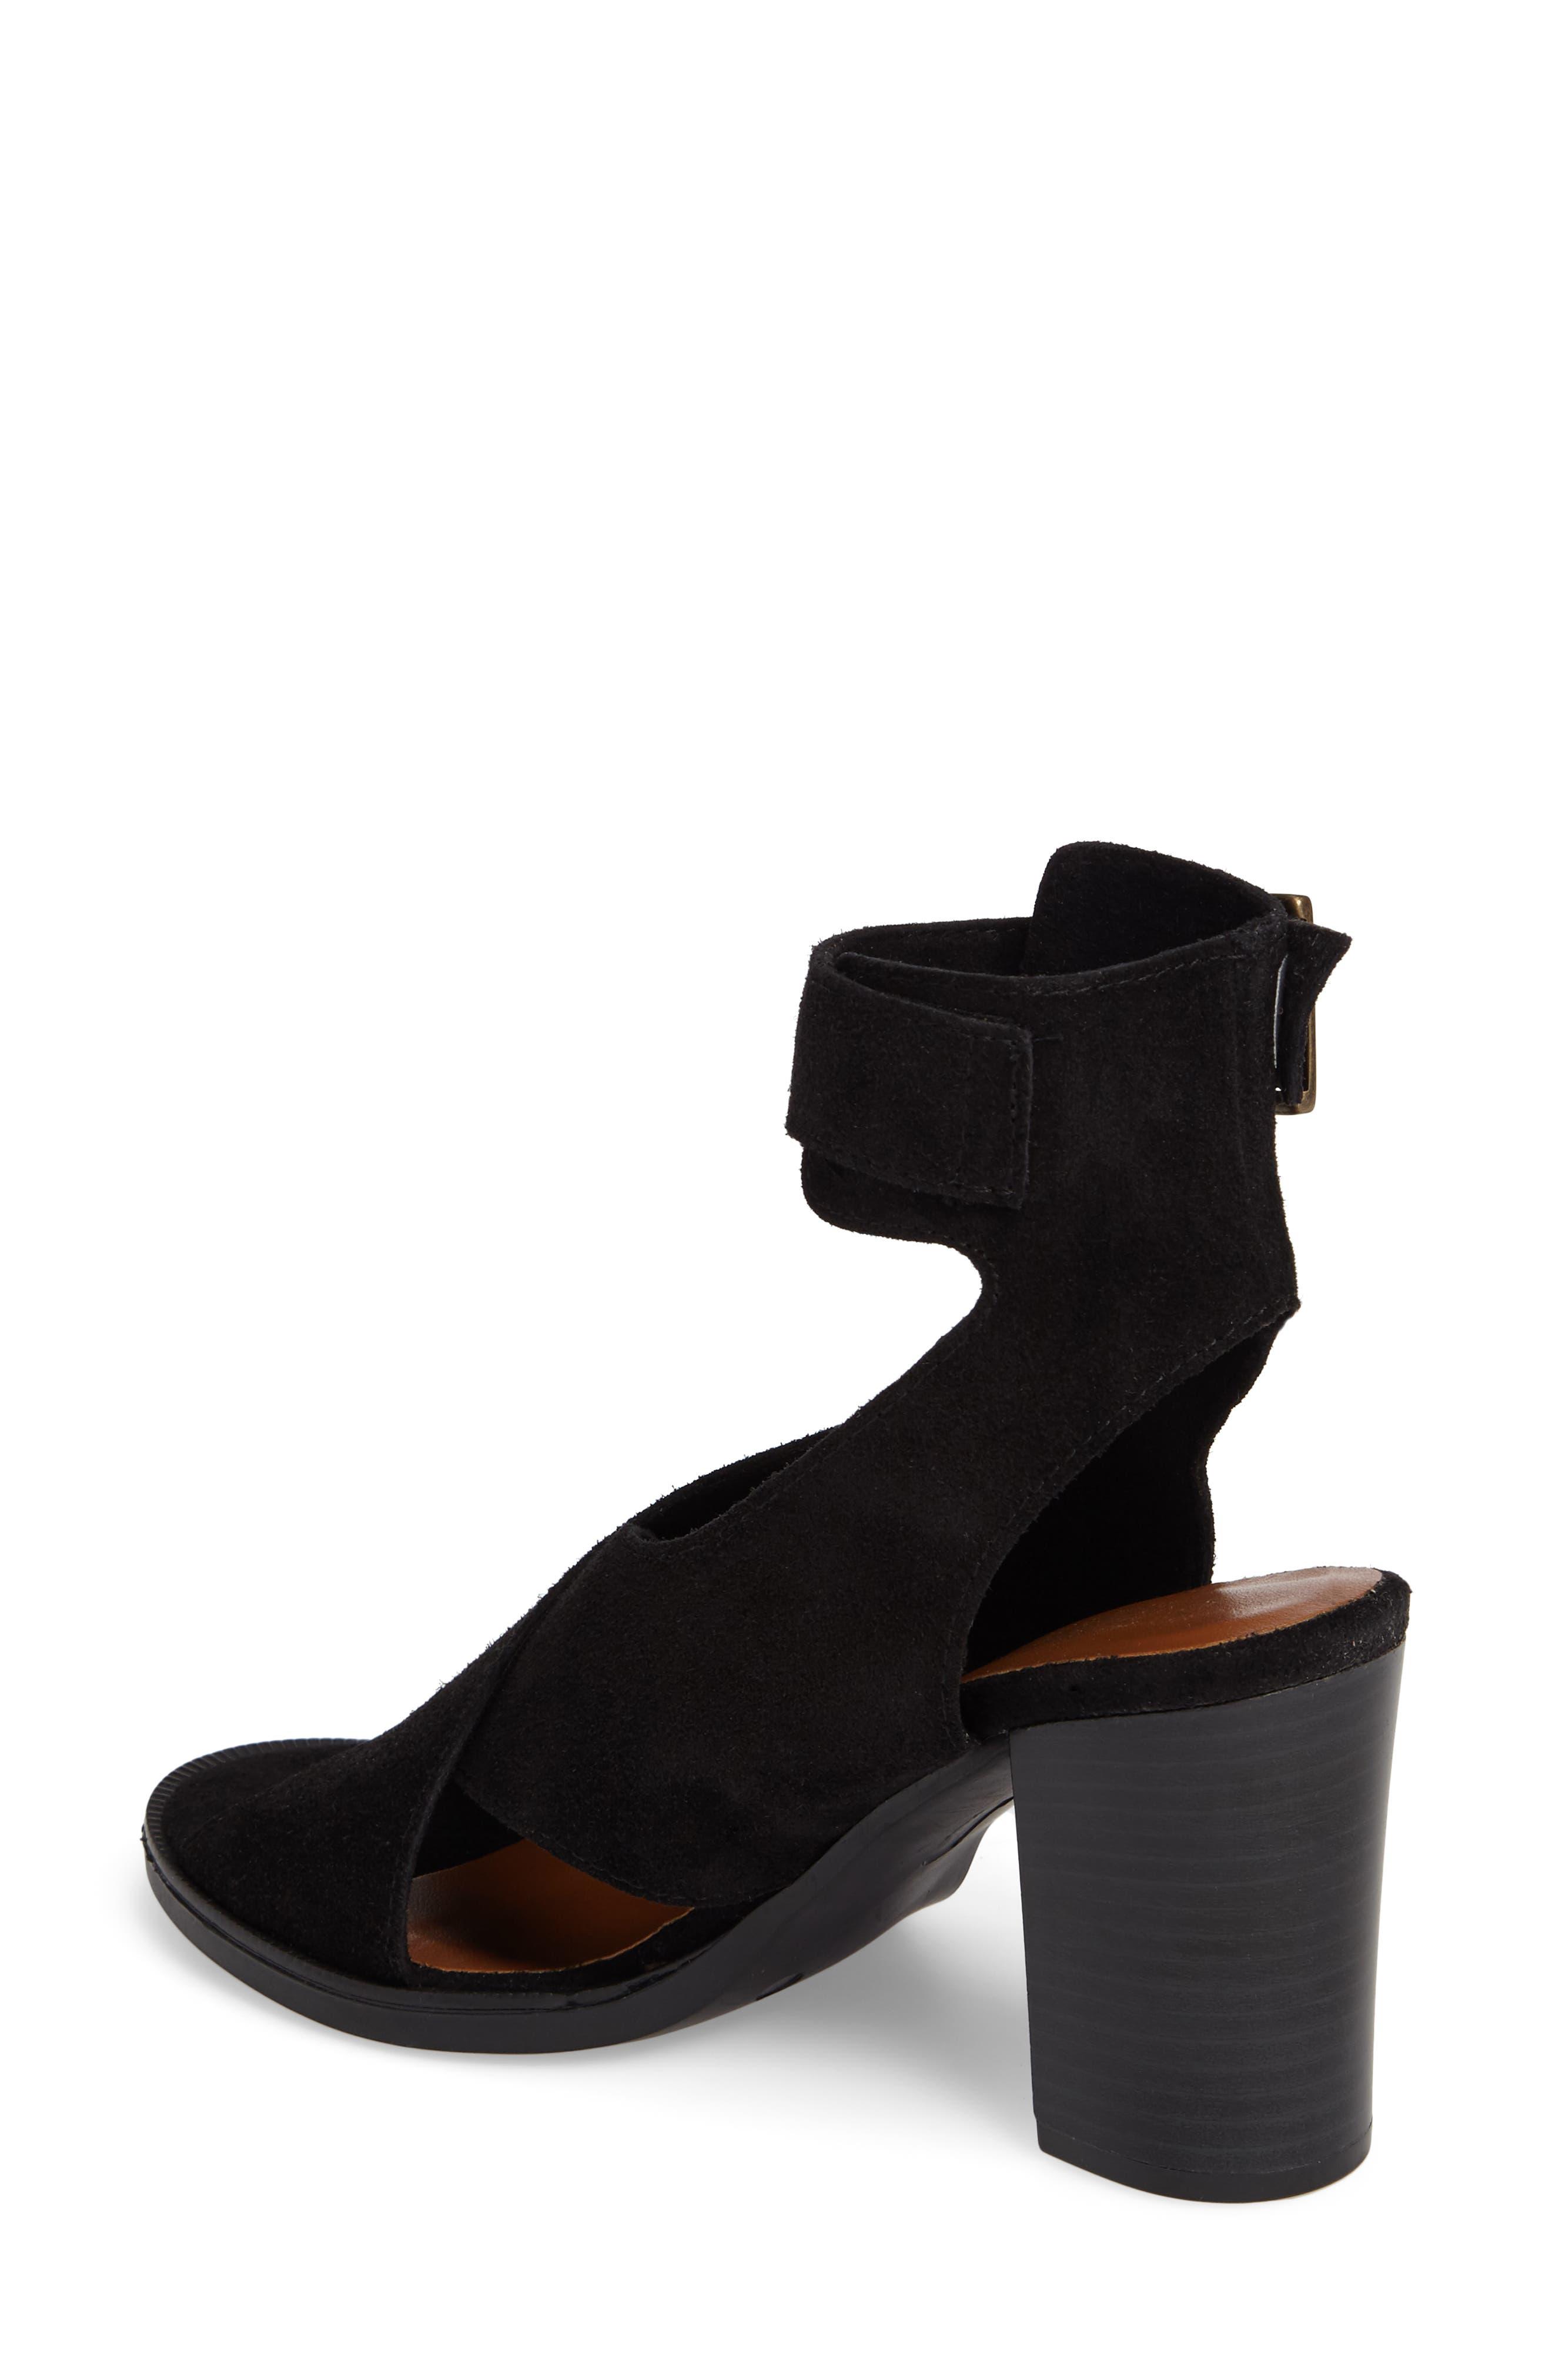 Lil Ankle Wrap Sandal,                             Alternate thumbnail 2, color,                             Black Suede